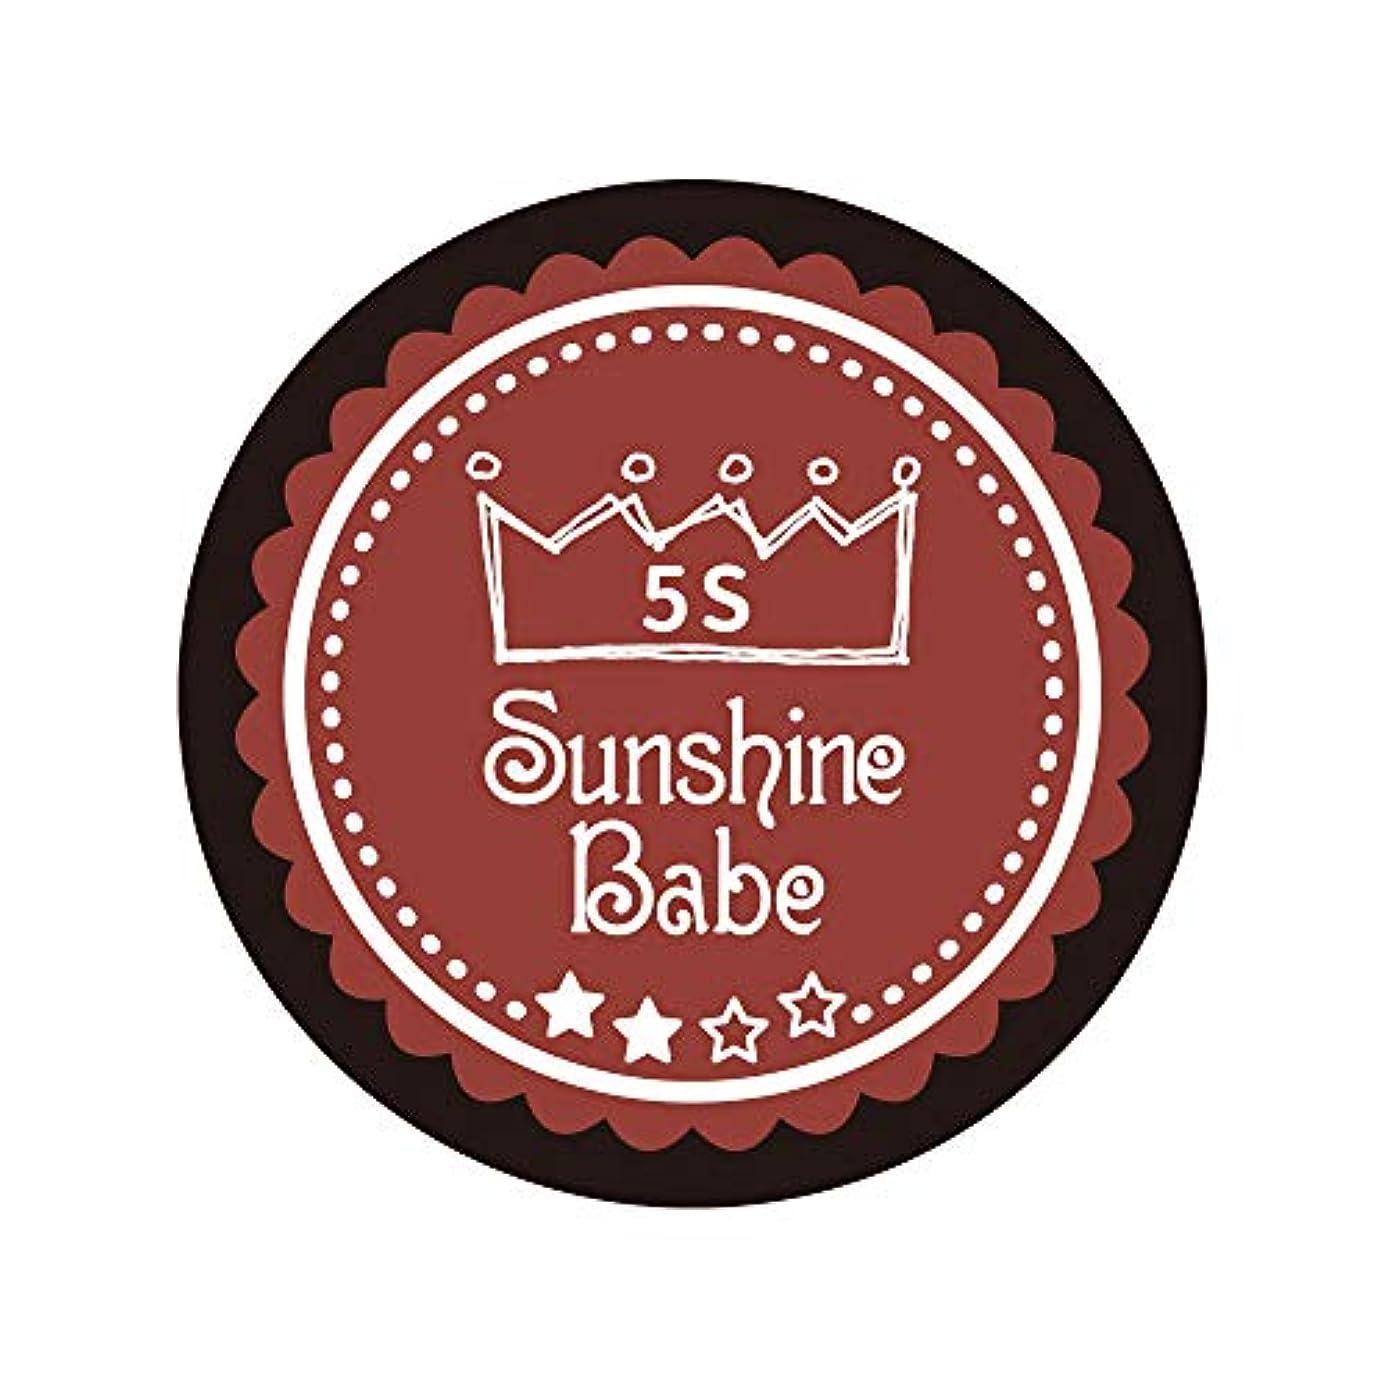 虚弱ブラスト無駄なSunshine Babe カラージェル 5S チリオイル 2.7g UV/LED対応